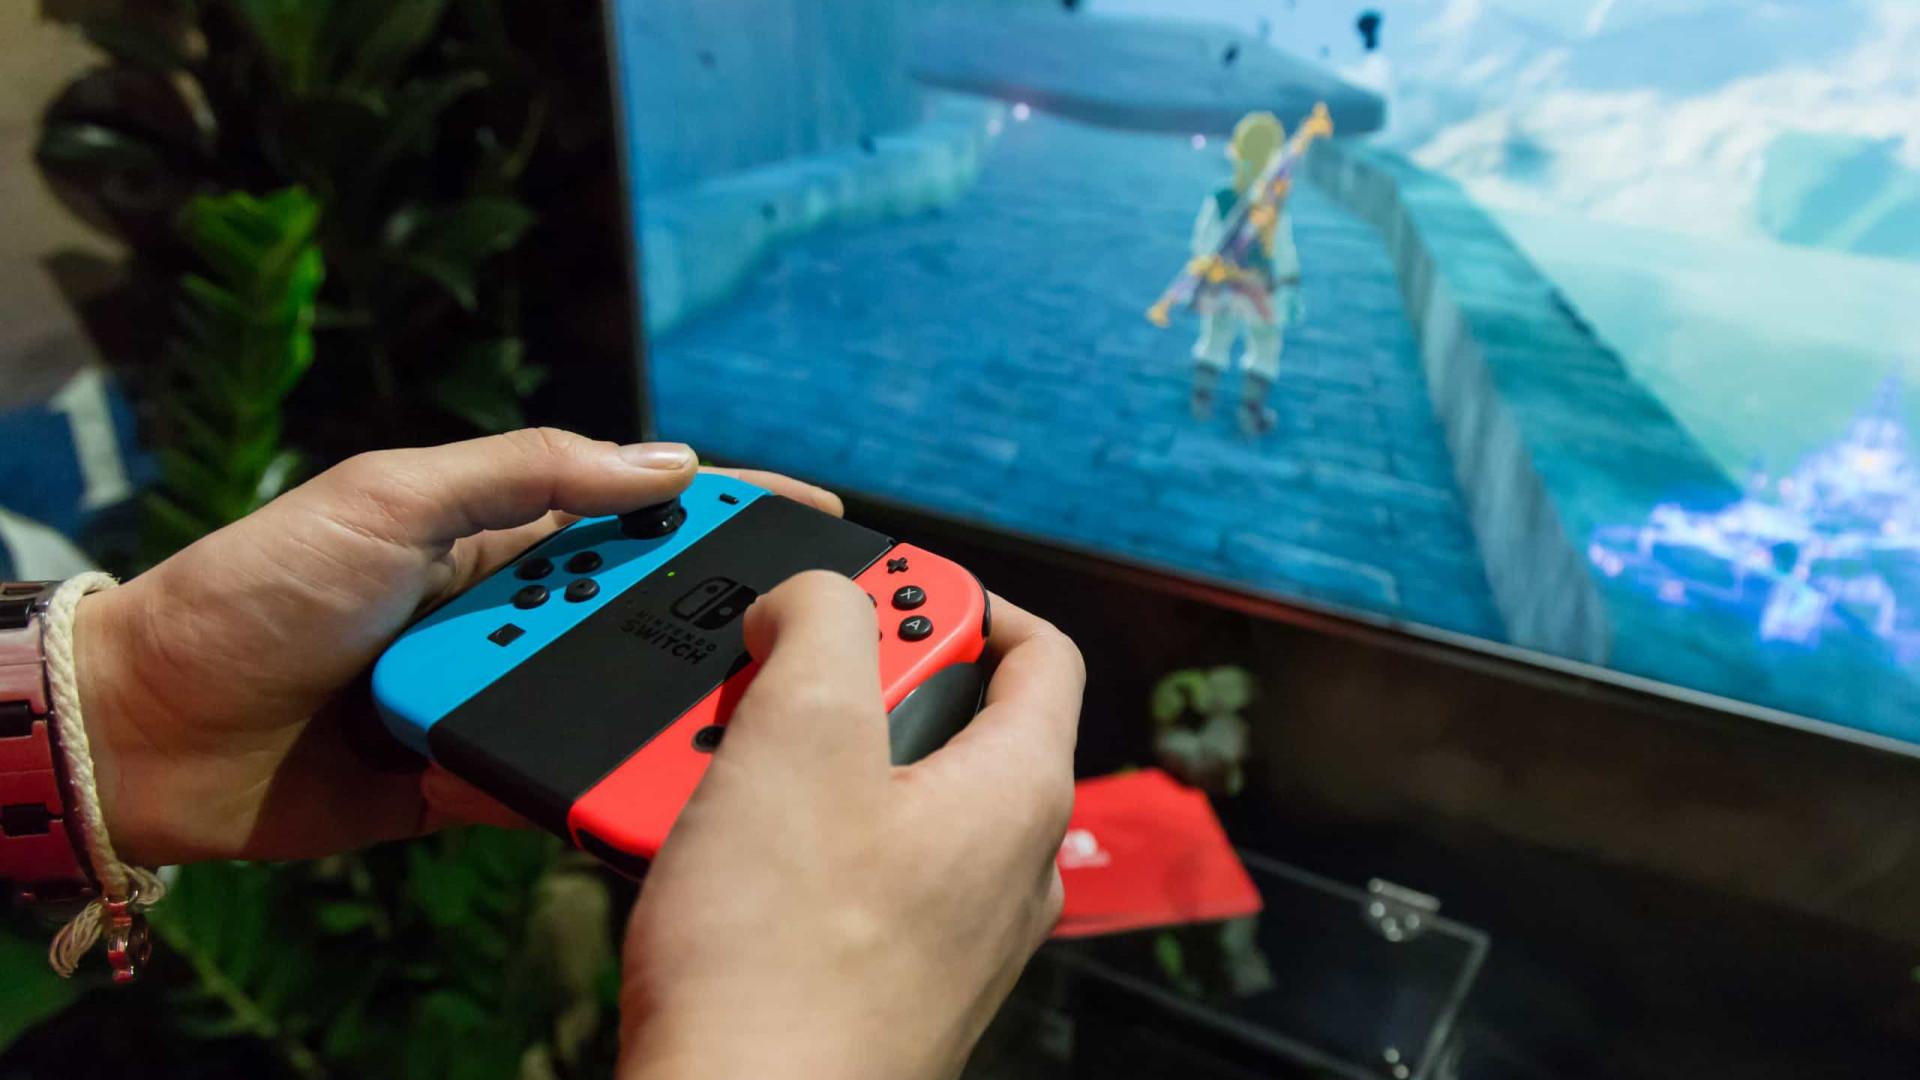 Indústria de jogos é mais rentável do que as de cinema e música juntas